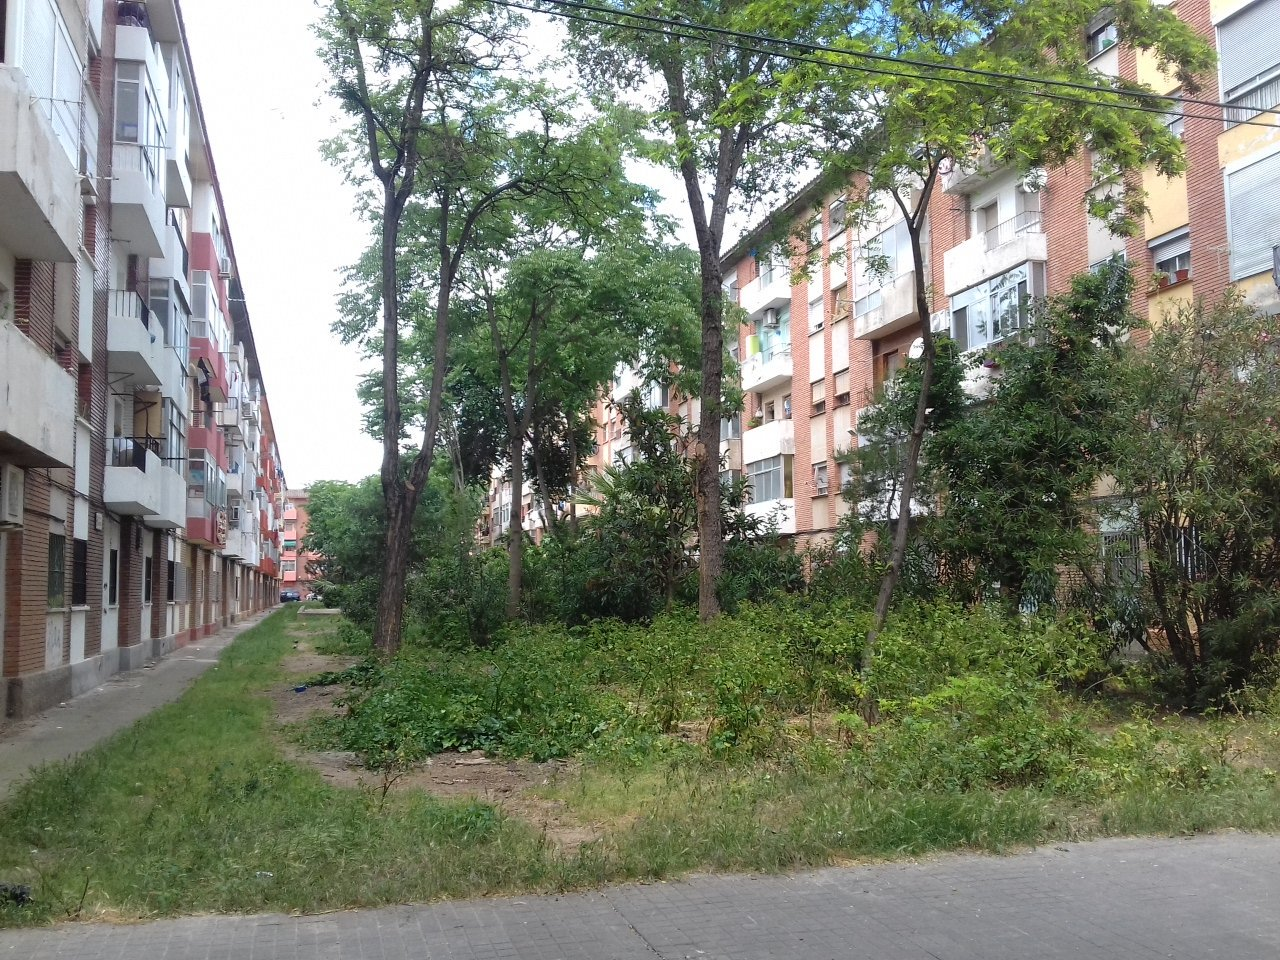 """""""Esto es pobreza, y falta de conciencia"""" lo que podía ser un lujo verde en mitad de la ciudad en #LasFuentes https://t.co/NIJrPl869C"""